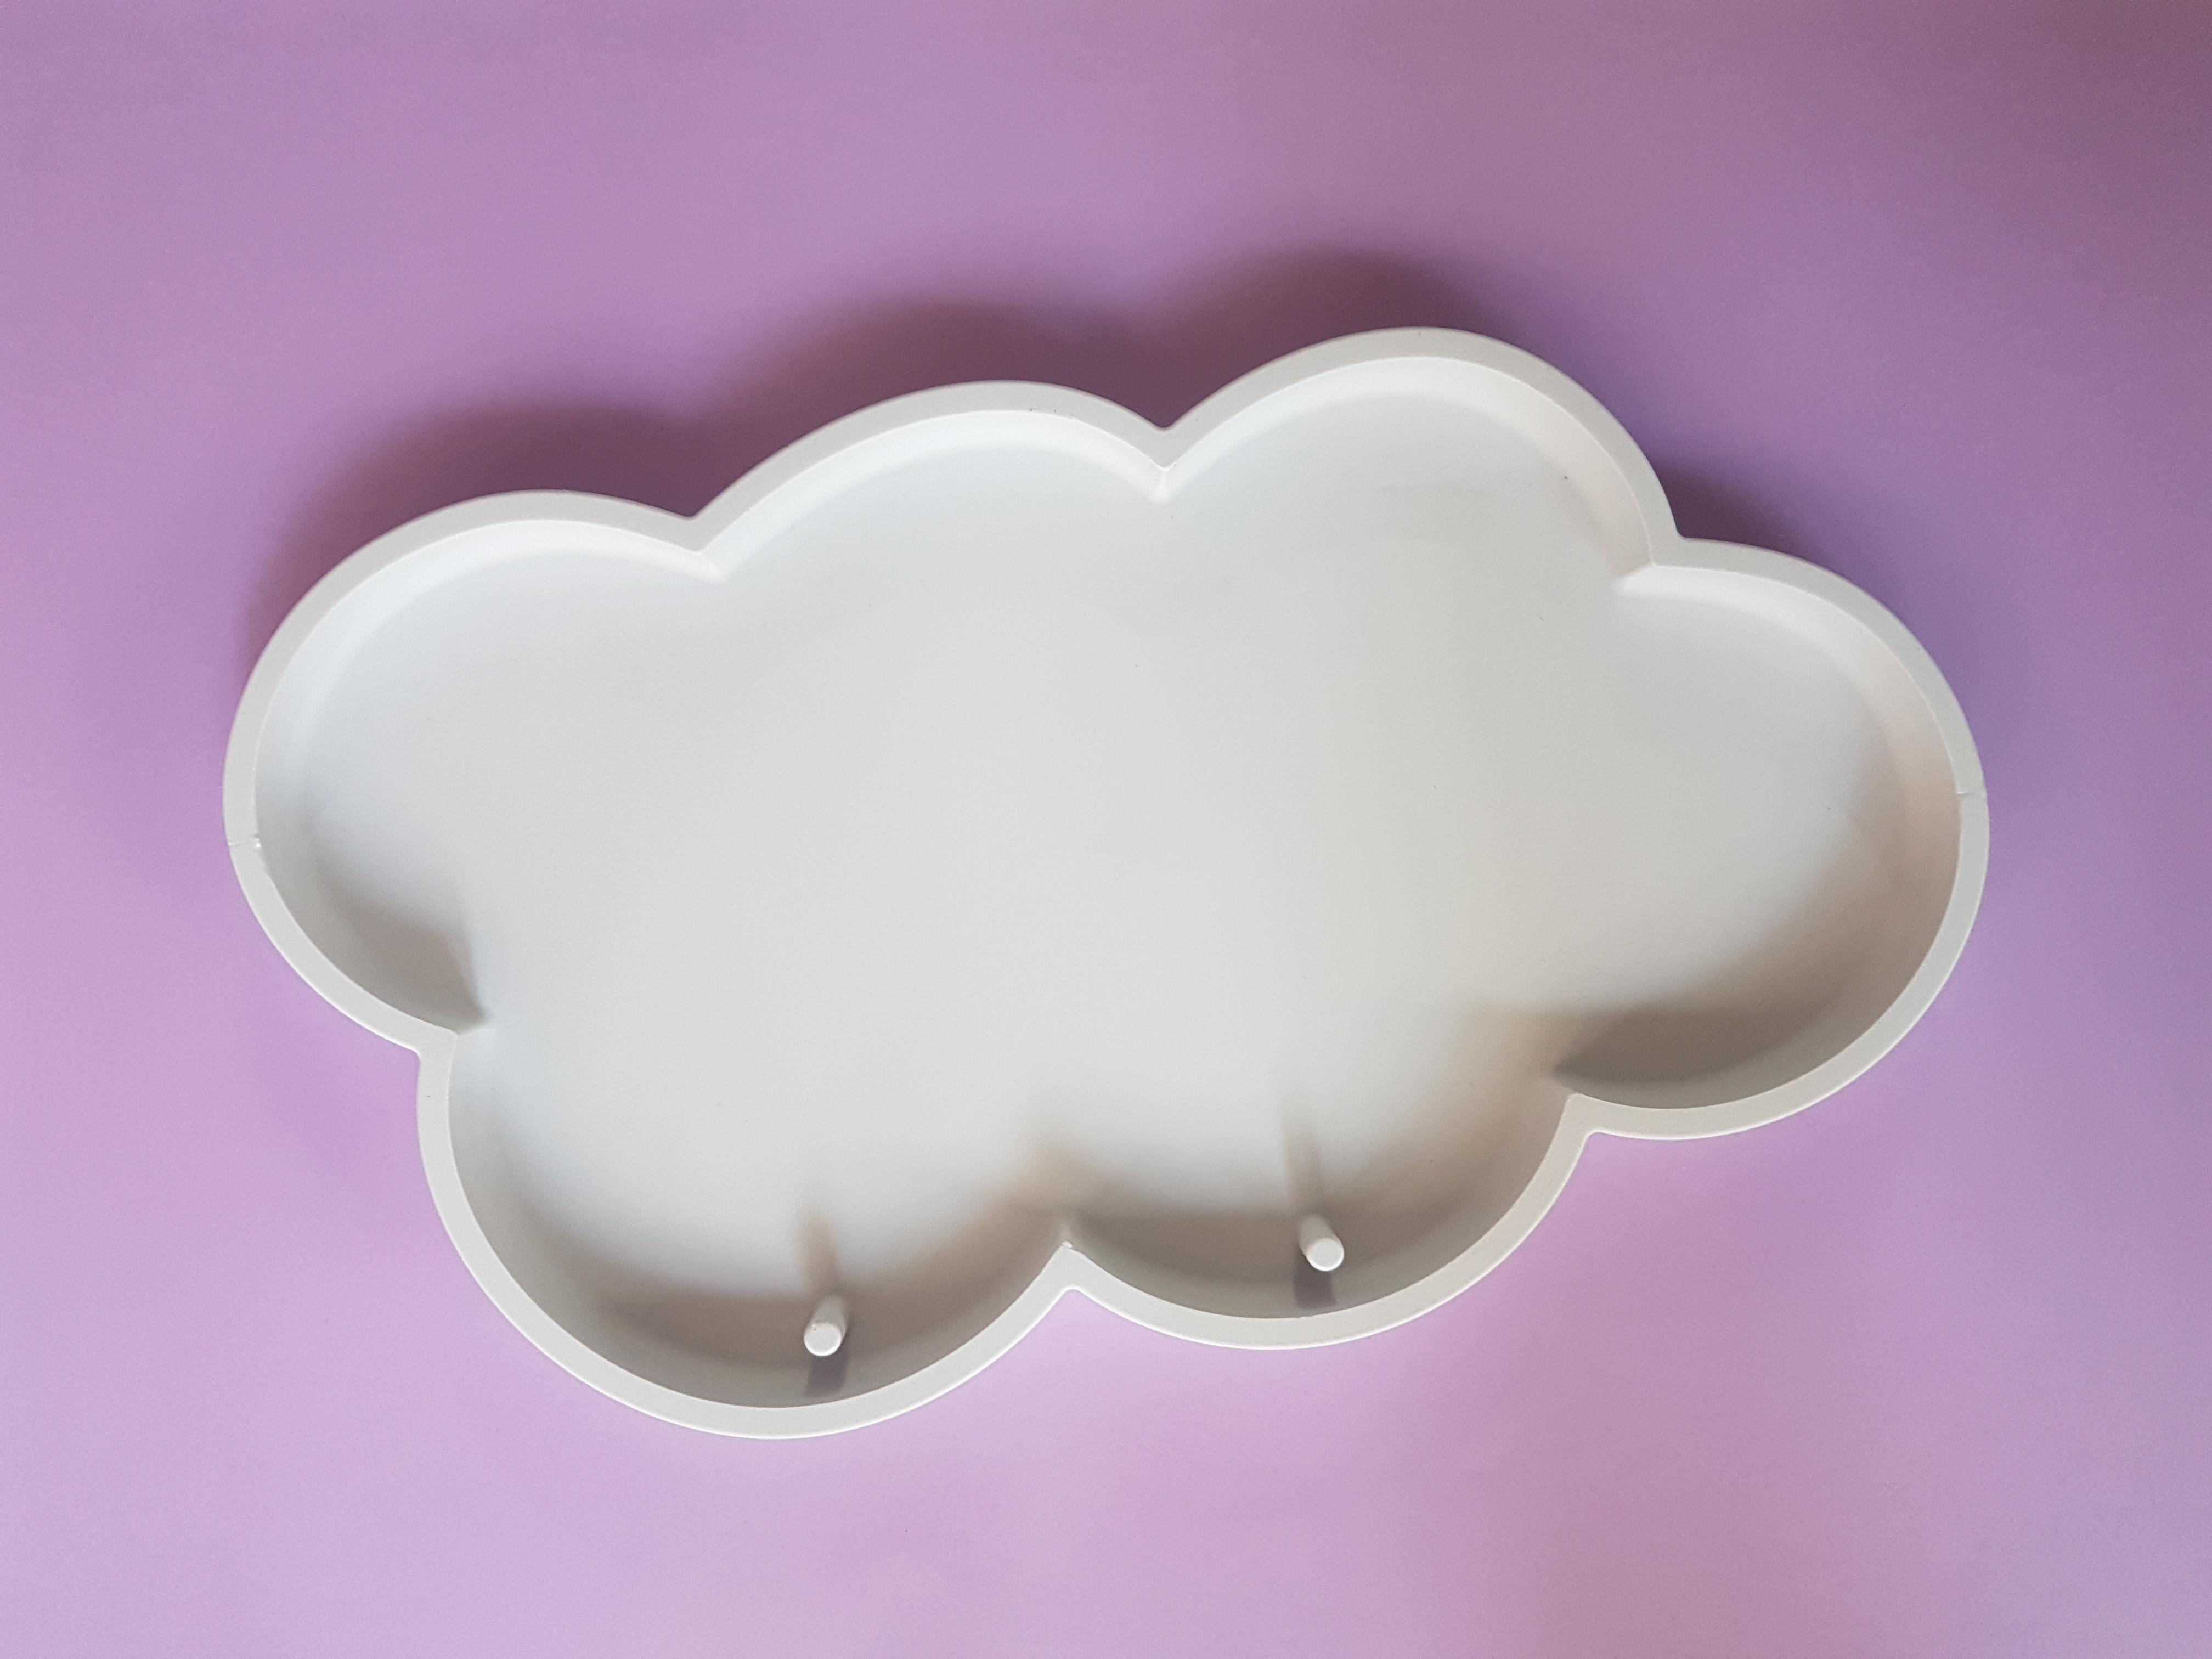 Bulut Pano Tabanlik